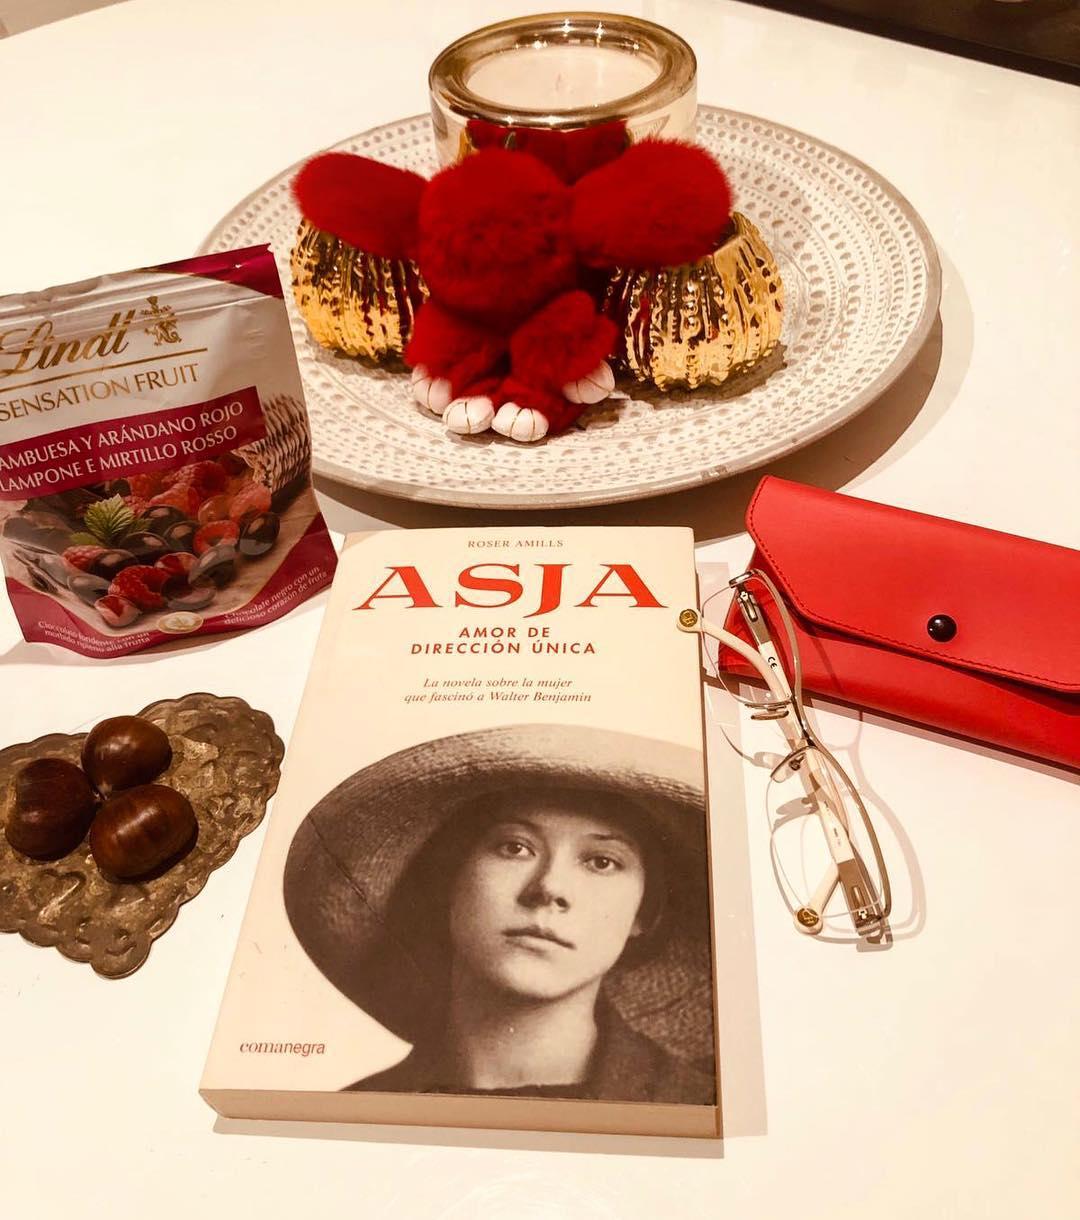 Gracias @yolandacooficial por leer la historia de amor de #asjalacis & #walterbenjamin ;))